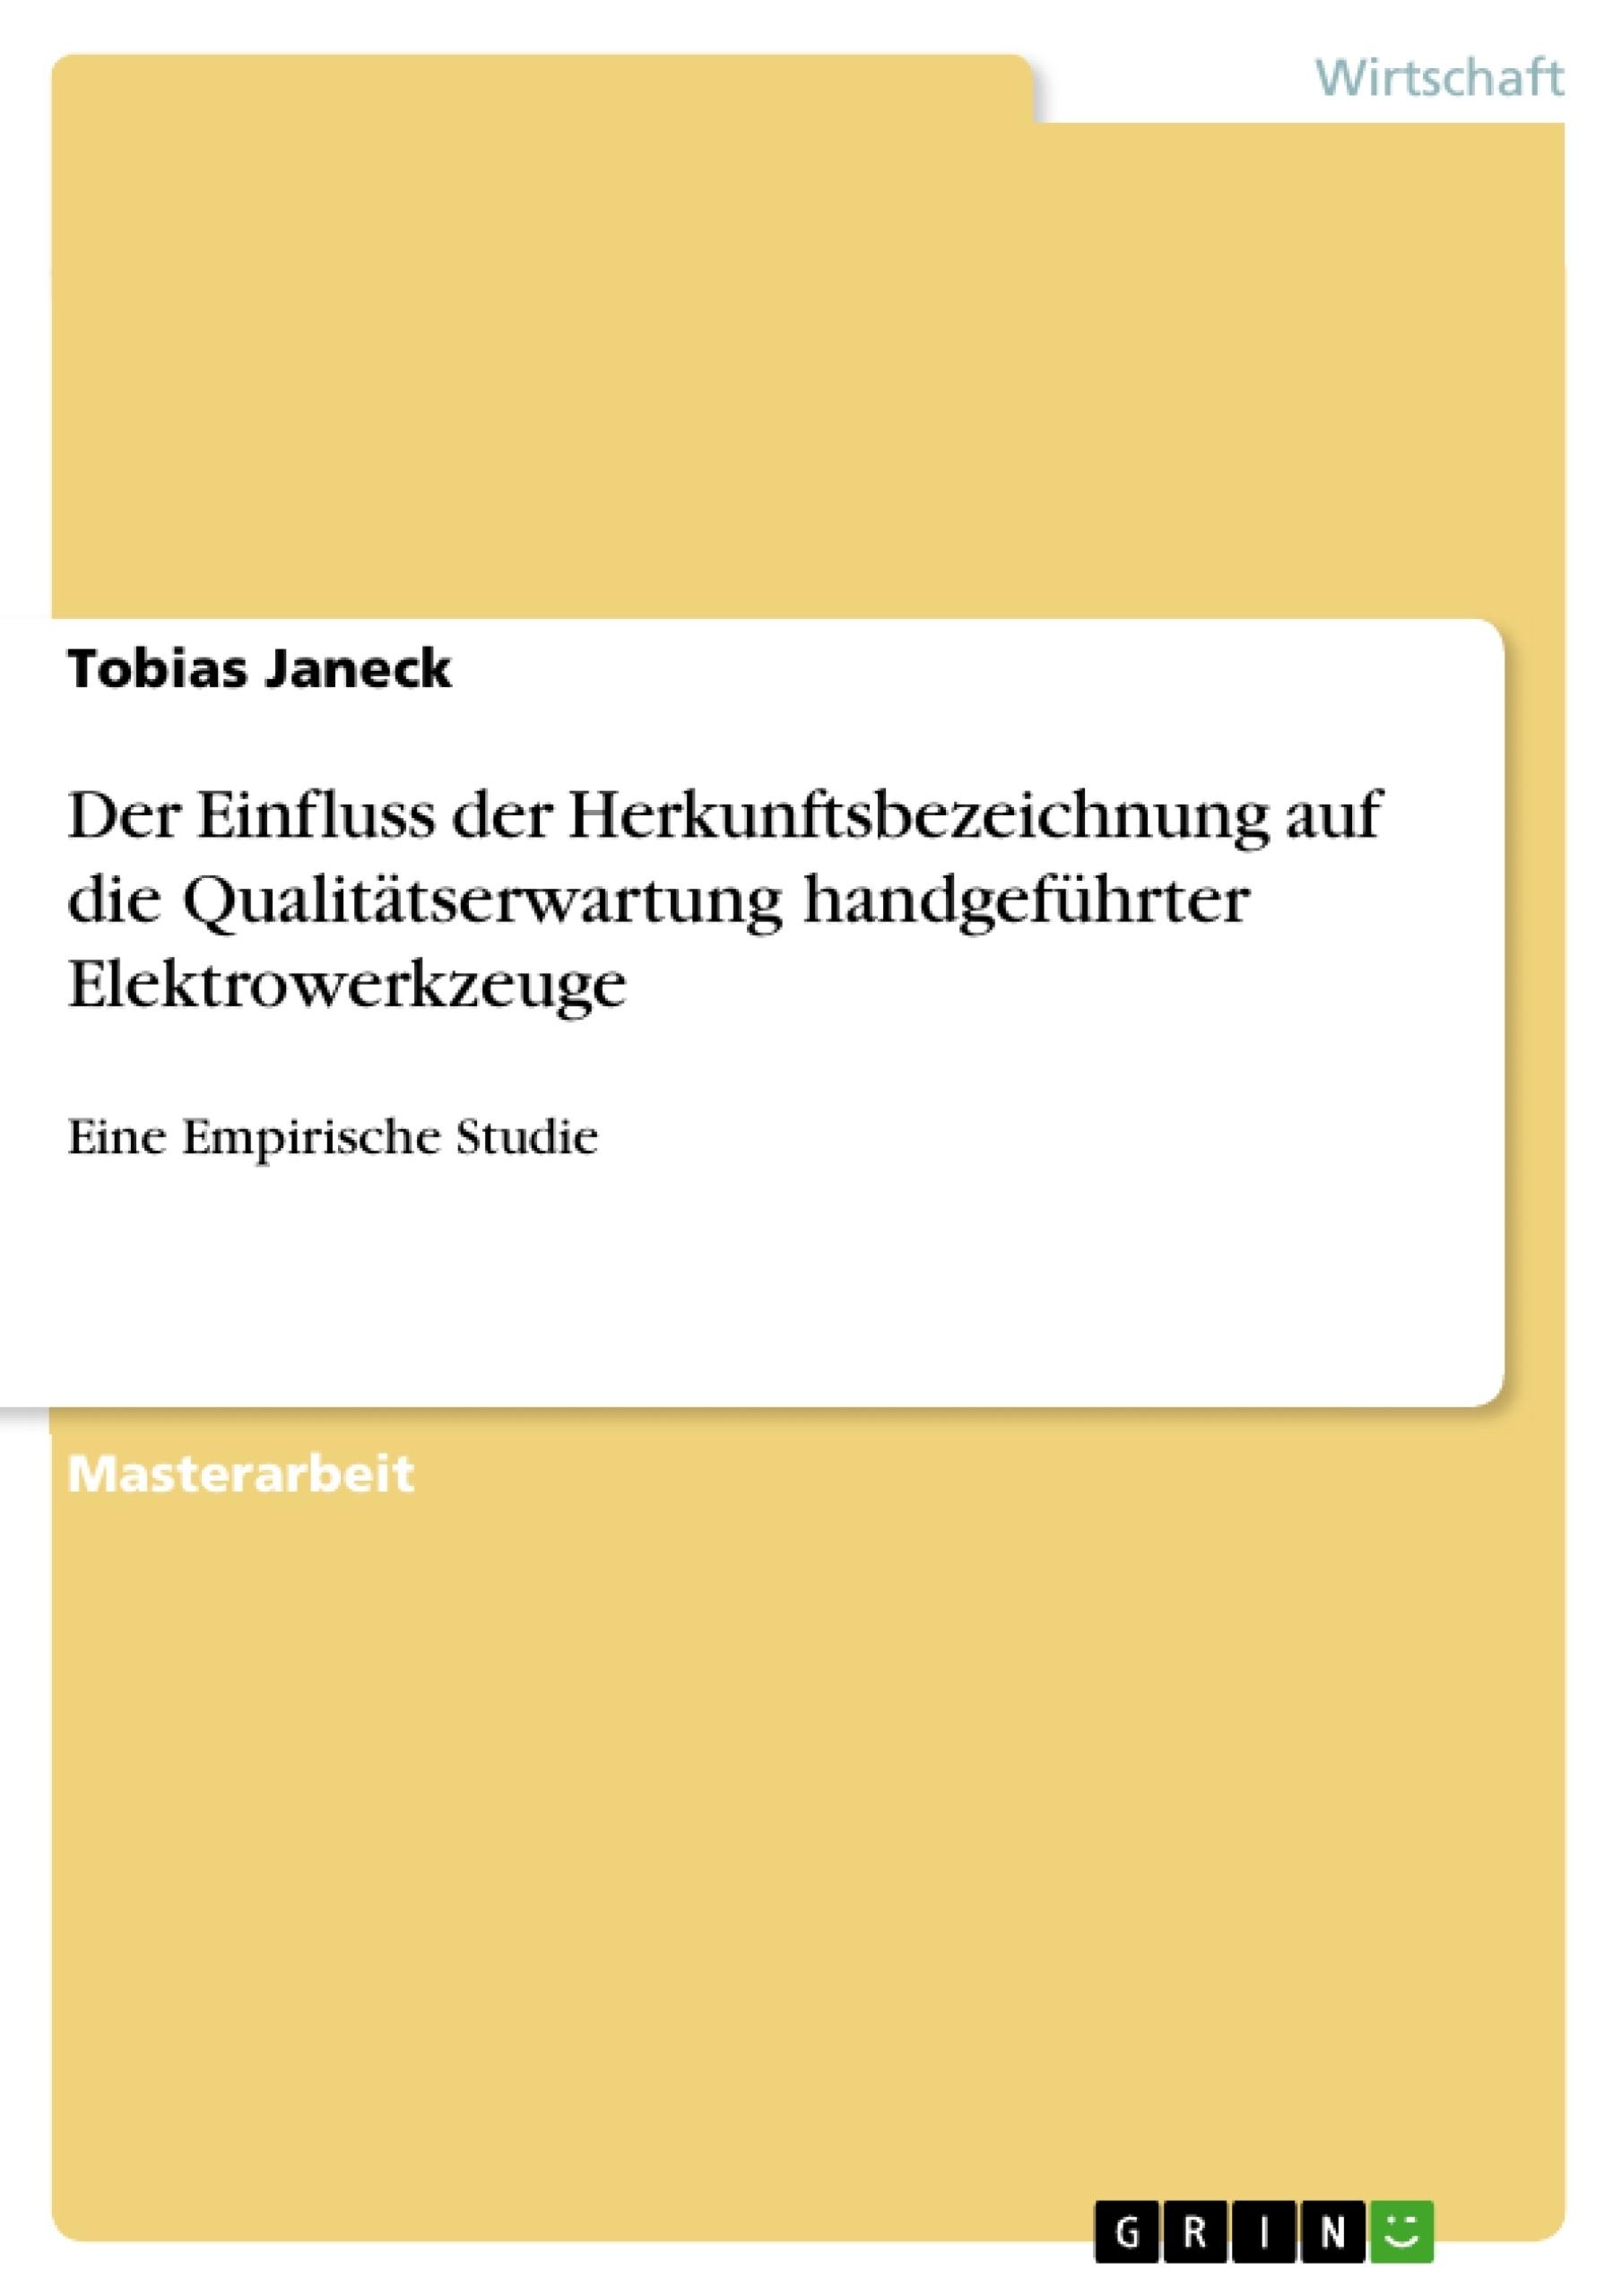 Titel: Der Einfluss der Herkunftsbezeichnung auf die Qualitätserwartung handgeführter Elektrowerkzeuge